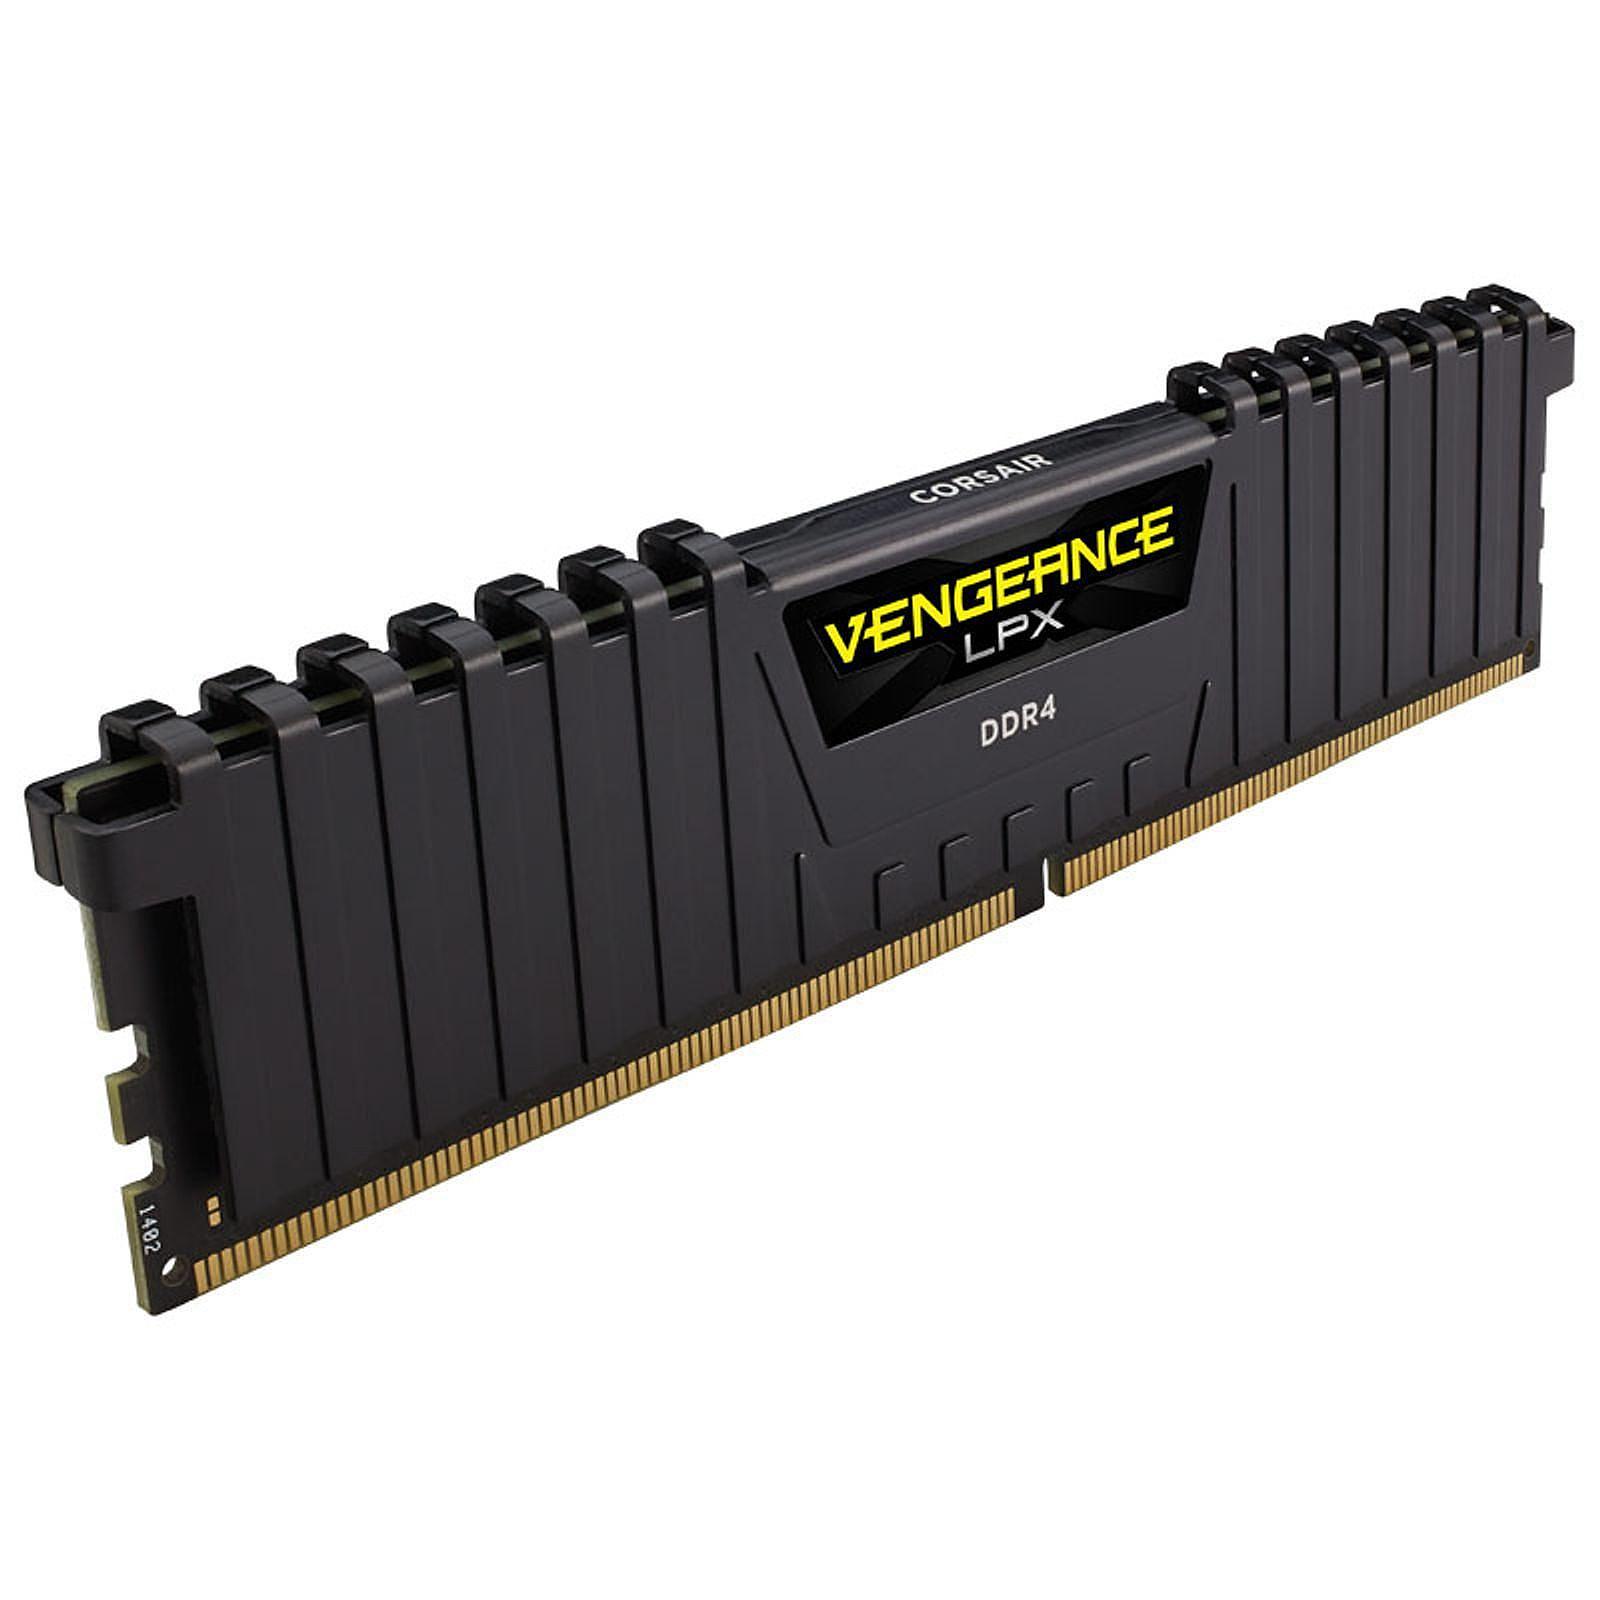 Corsair Vengeance LPX Series Low Profile 8 GB DDR4 3600 MHz CL18